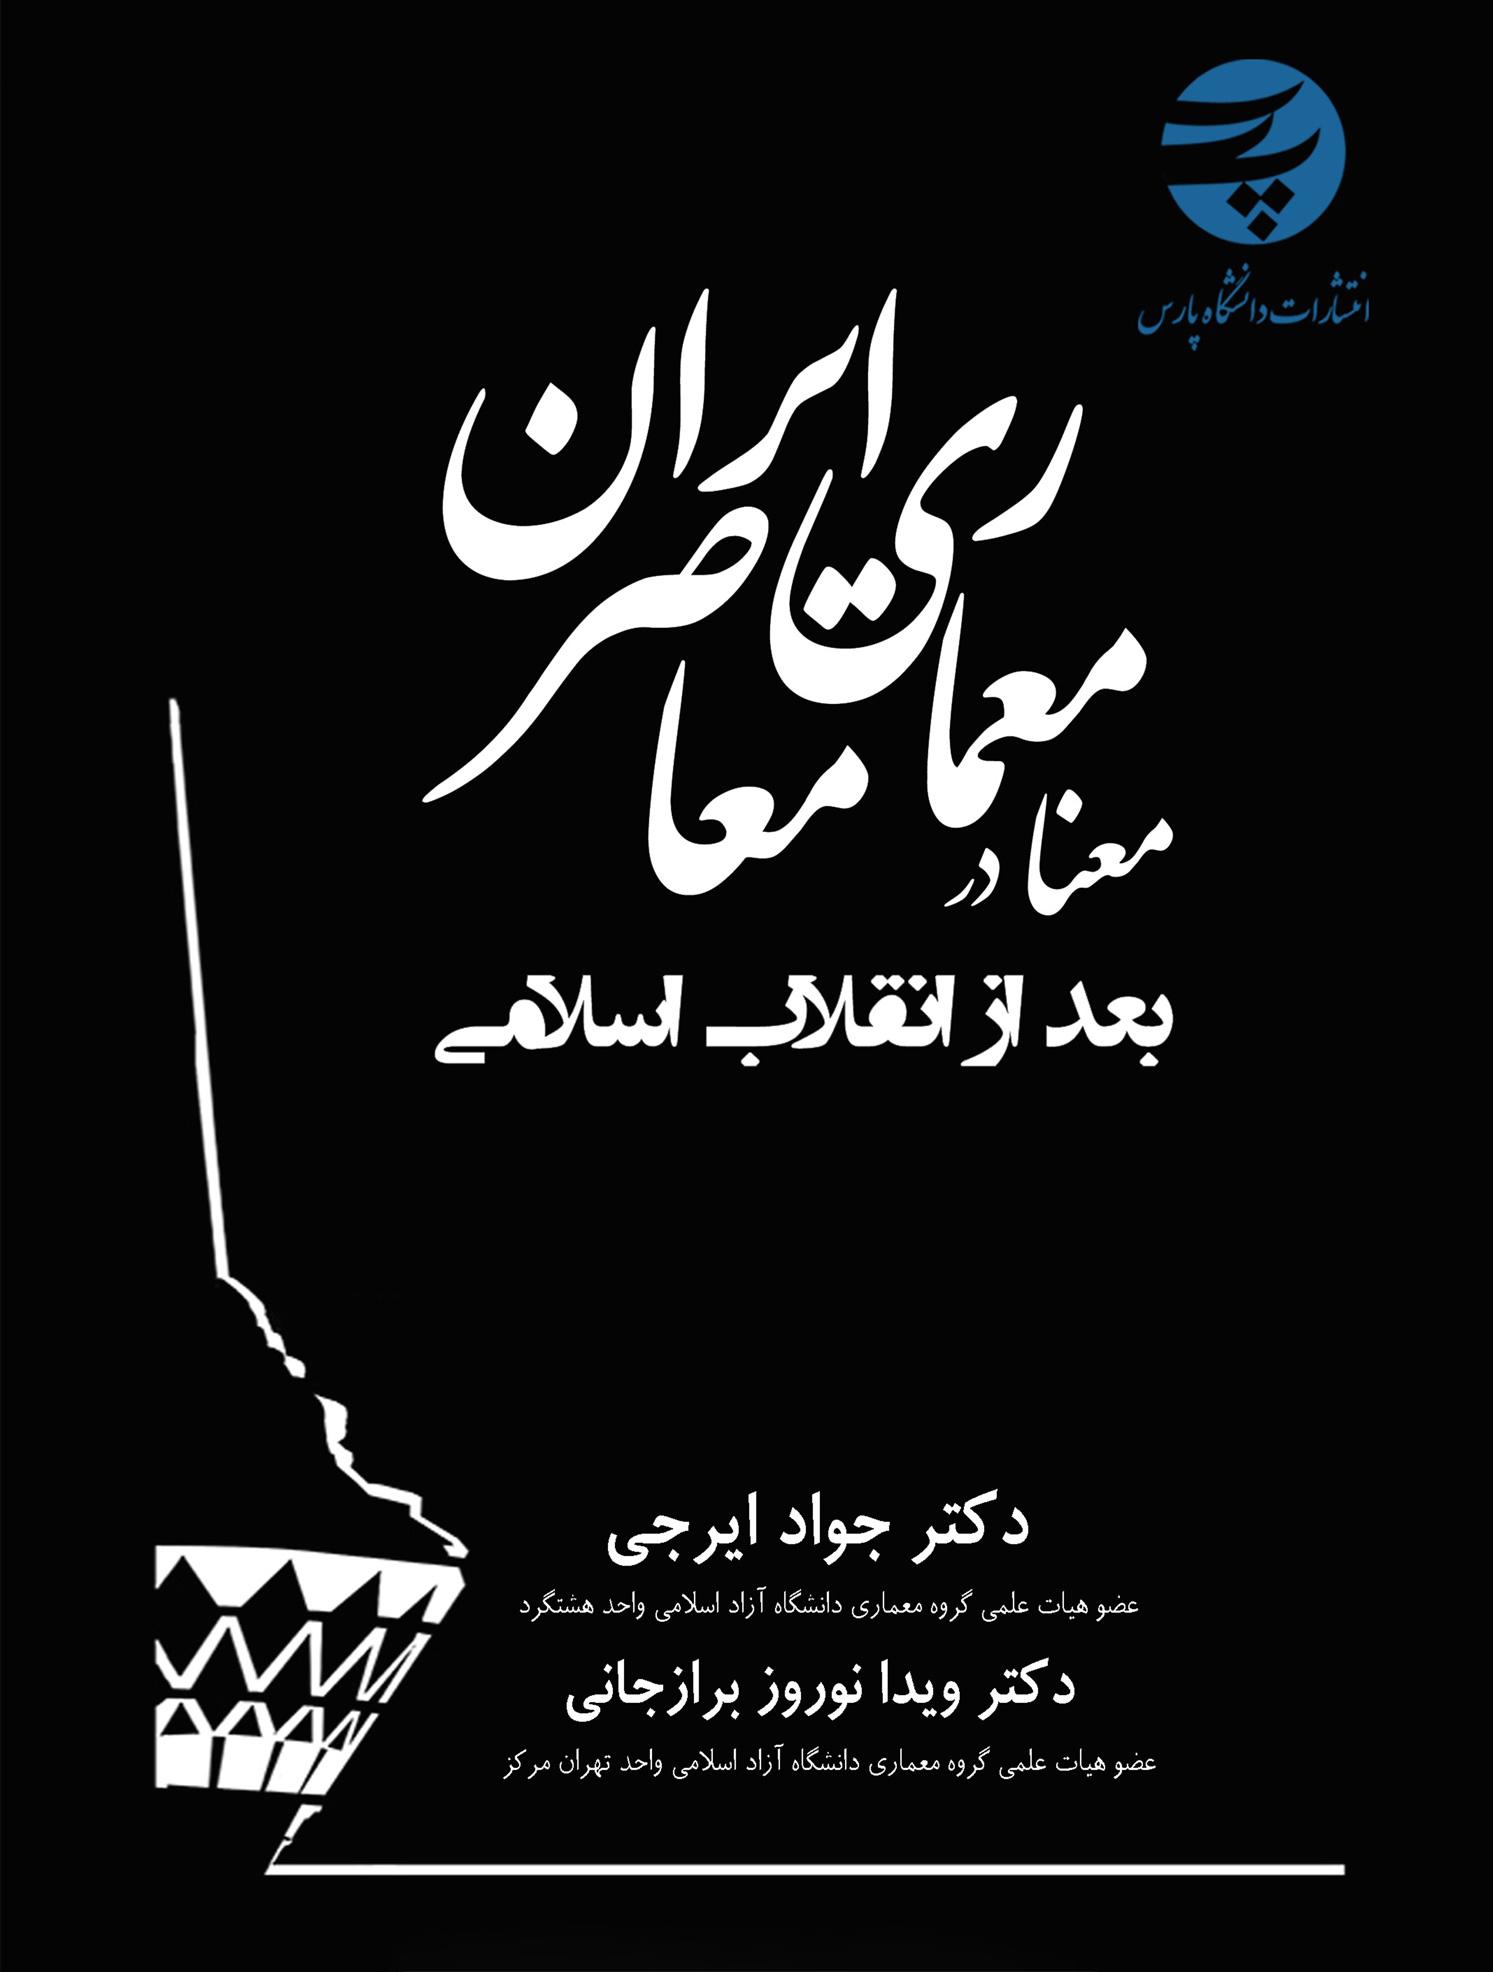 معنا در معماری معاصر ایران؛ بعد از انقلاب اسلامی